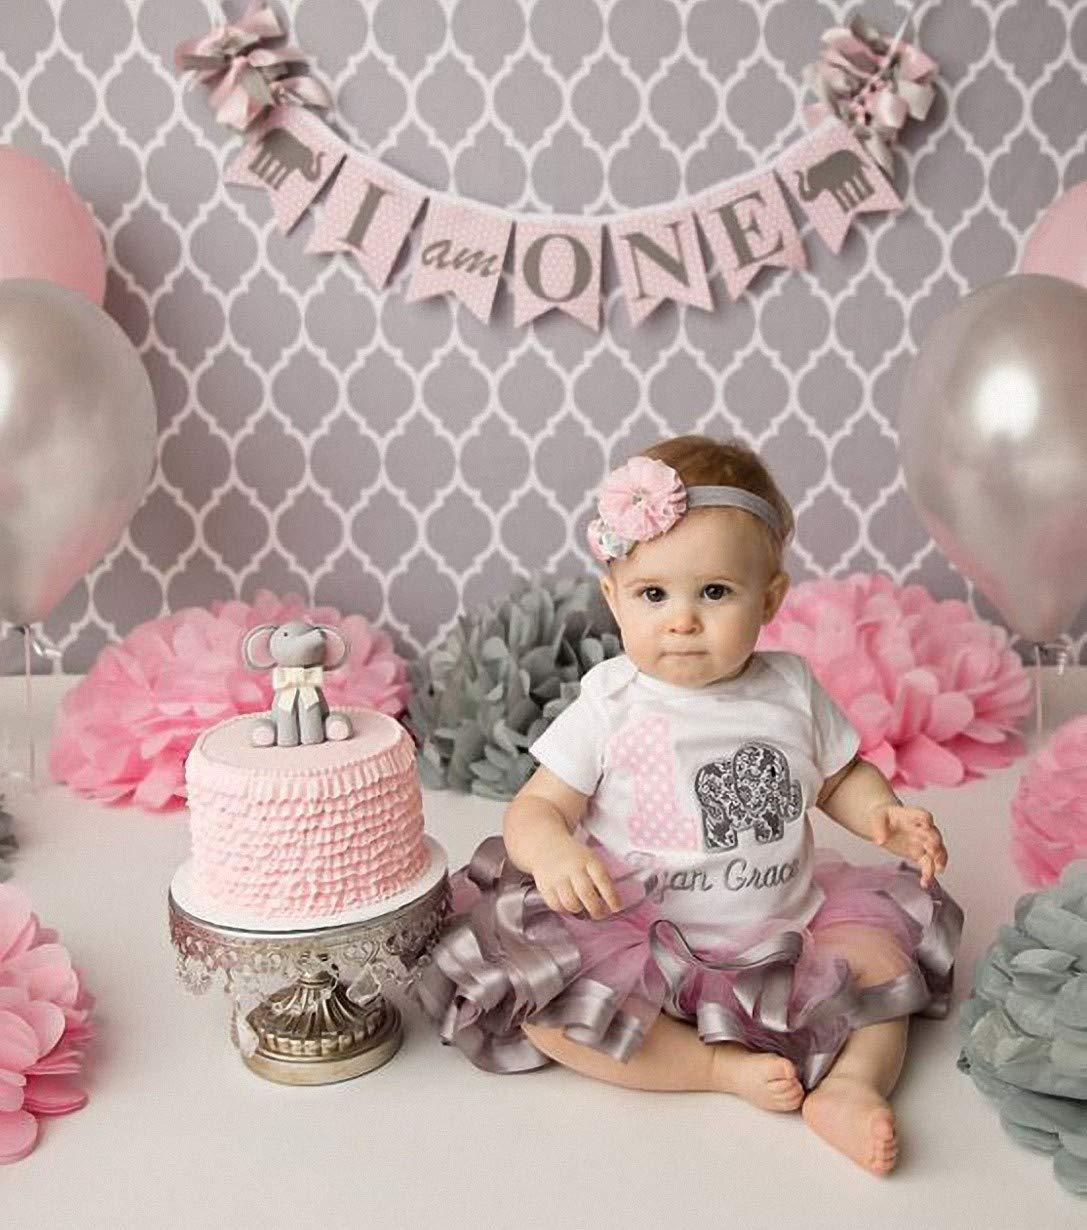 100 Ballon Argent Nacr/és en Latex 30 cm pour Joyeux Anniversaire Happy Birthday Mariage Baby Shower Bapteme Festival La Saint Valentin